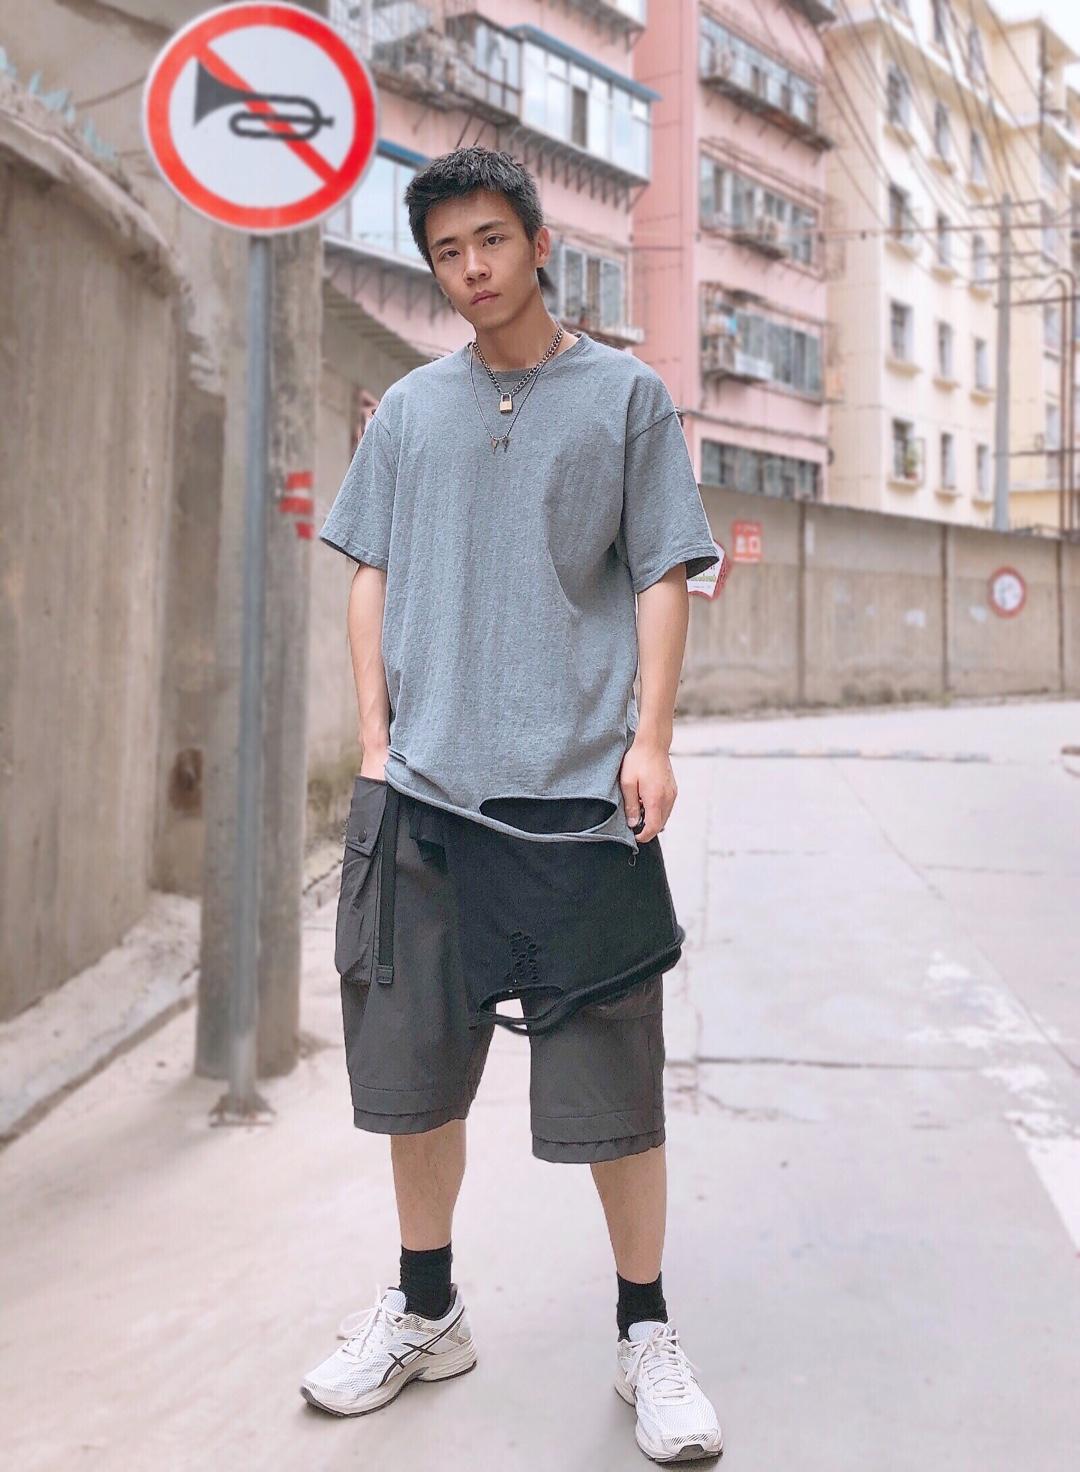 上衣:GLOWING STUDIO 打底:NEVAVE 短裤:WhoseTrap 鞋子:Asics  夏天很清爽简约的穿搭方式,不用过多鲜艳的颜色去可以营造,简简单单的黑白灰也可以穿的有型,上衣直接选择了基础款的灰色纯棉T恤,非常舒适清爽,为了不会显得太过于单调,用项链做一些营造,下摆也是有破洞设计增加一些复杂感,再用同样有破洞设计的打底做一个烘托,短裤也是选择了基础款的黑色款式,加上一双百搭的老爹鞋,清爽出街!#毕业旅行这样穿,稳赢!#